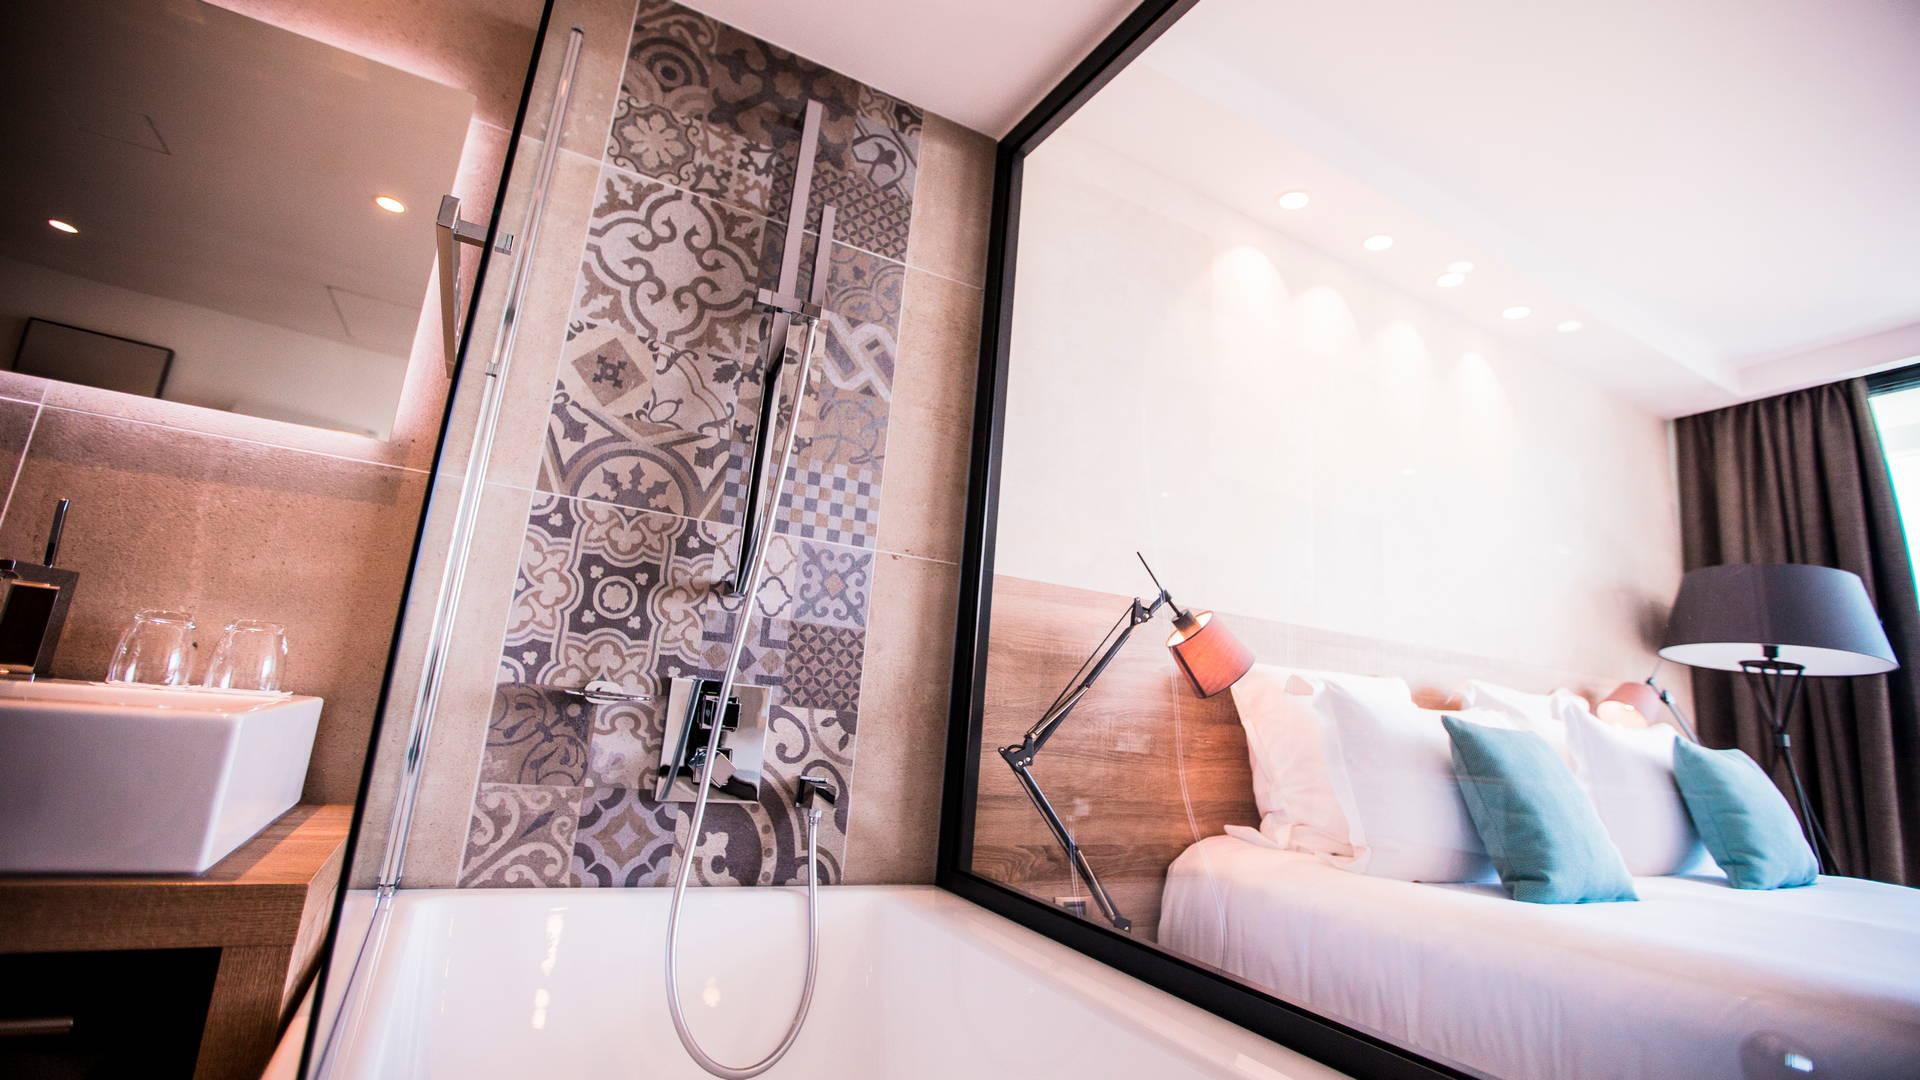 Chambre Deluxe et sa baignoire vitrée dans la chambre, hôtel 5 étoiles bord de mer, Hôtel La Plage.